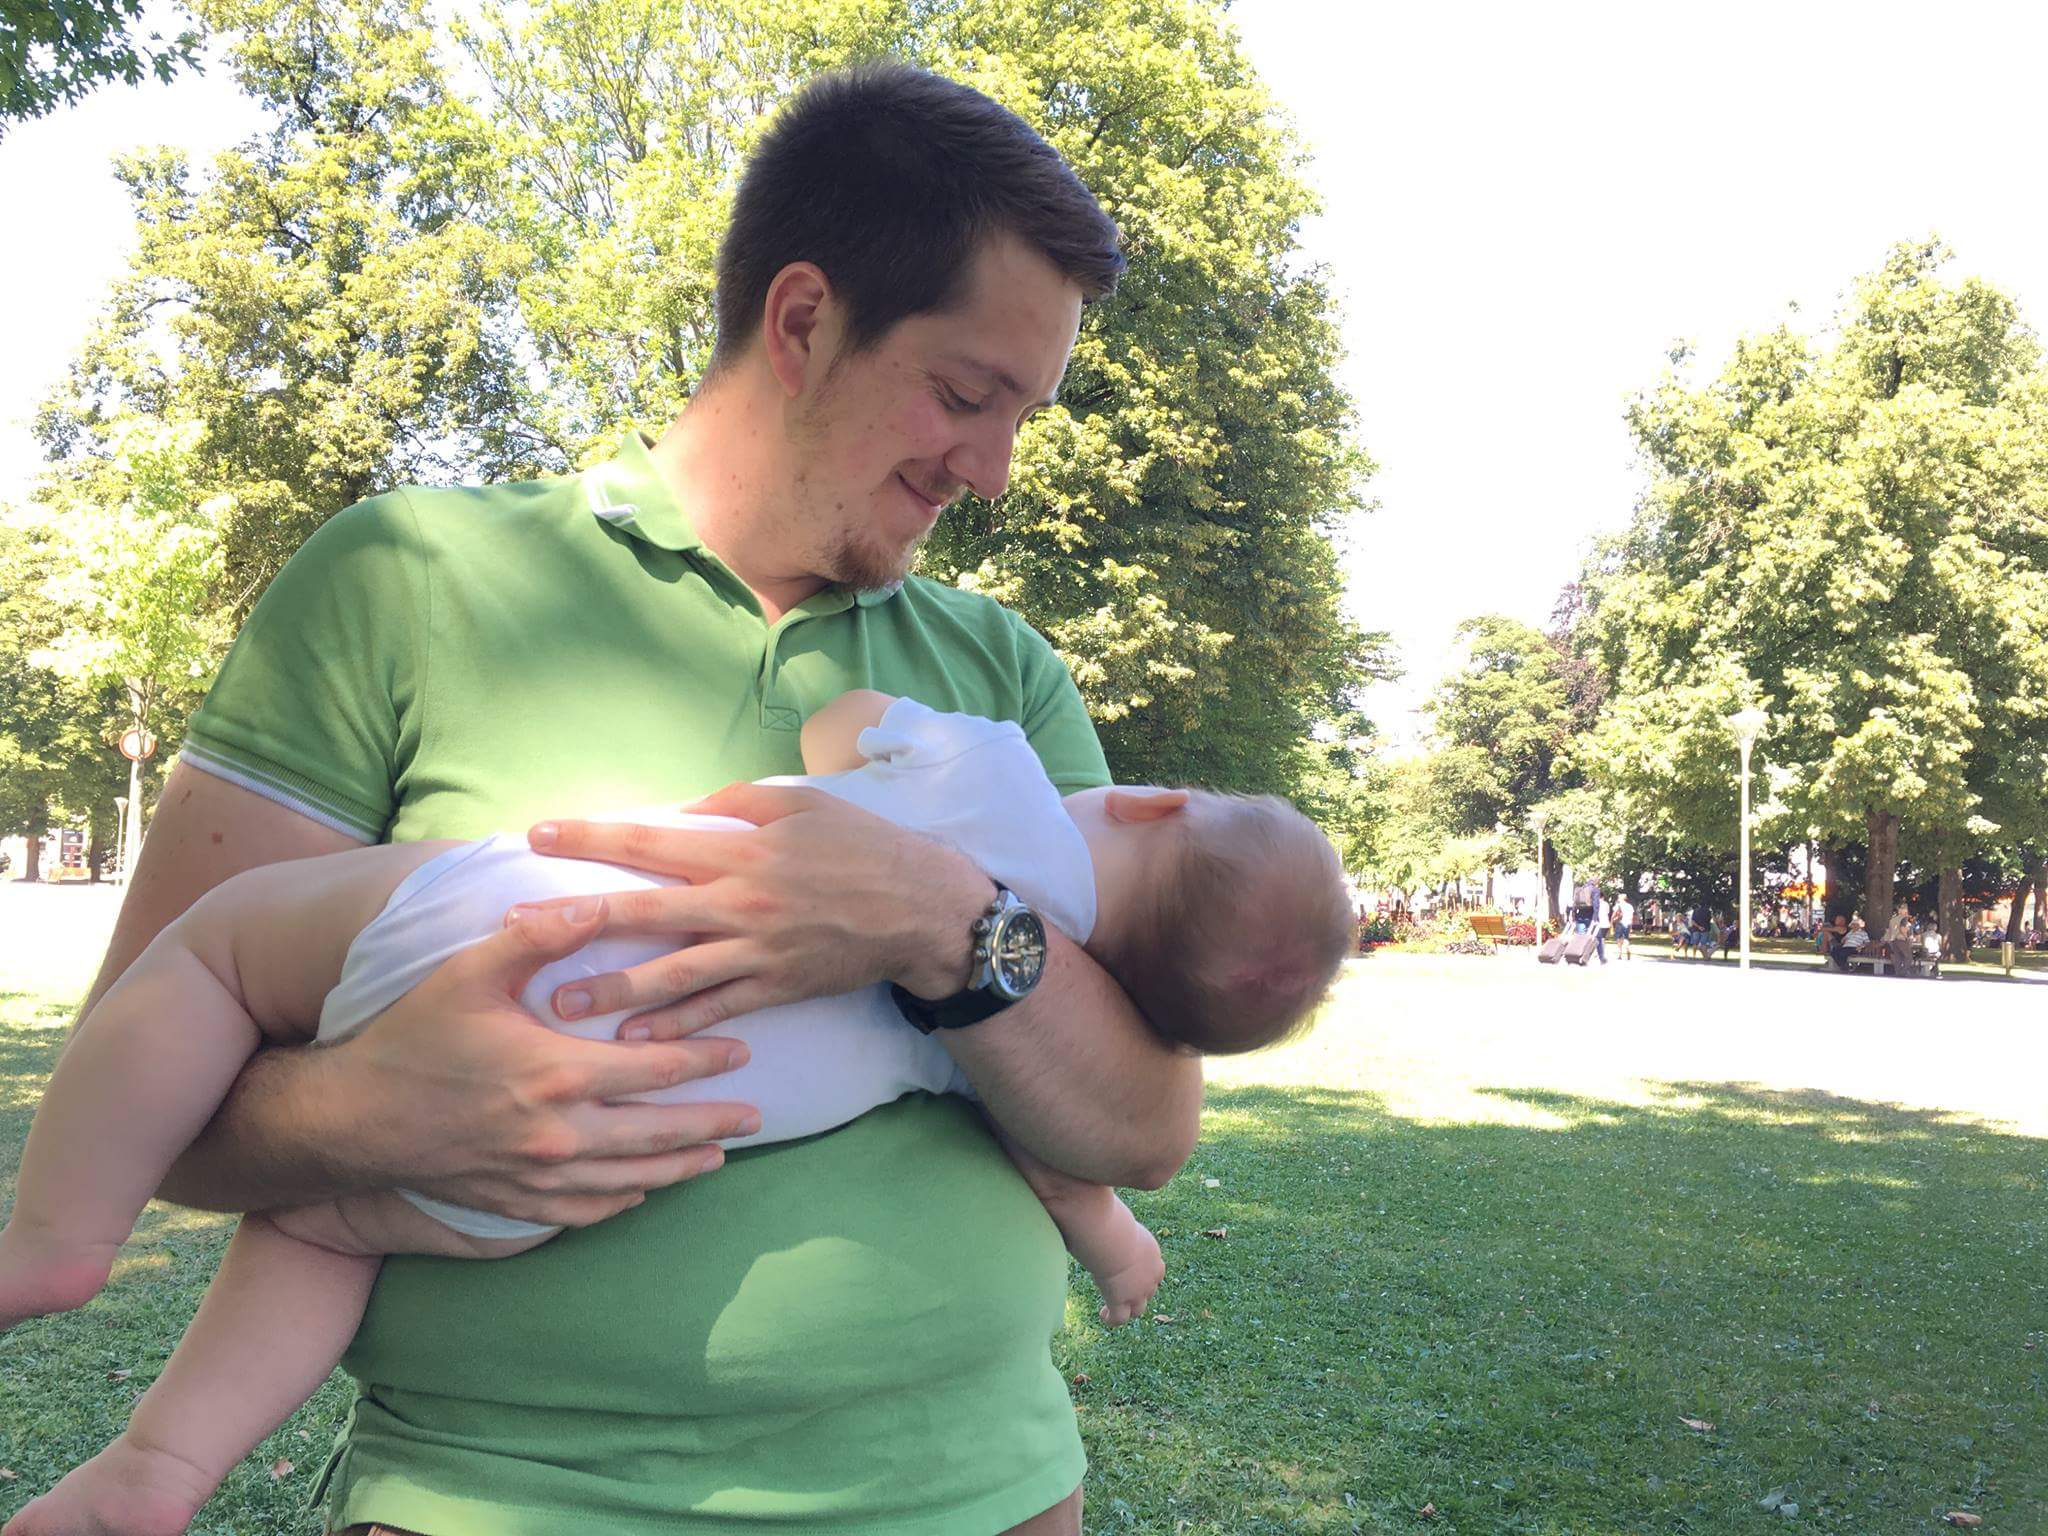 Vater hält Baby zum Schlafen in der Wiege